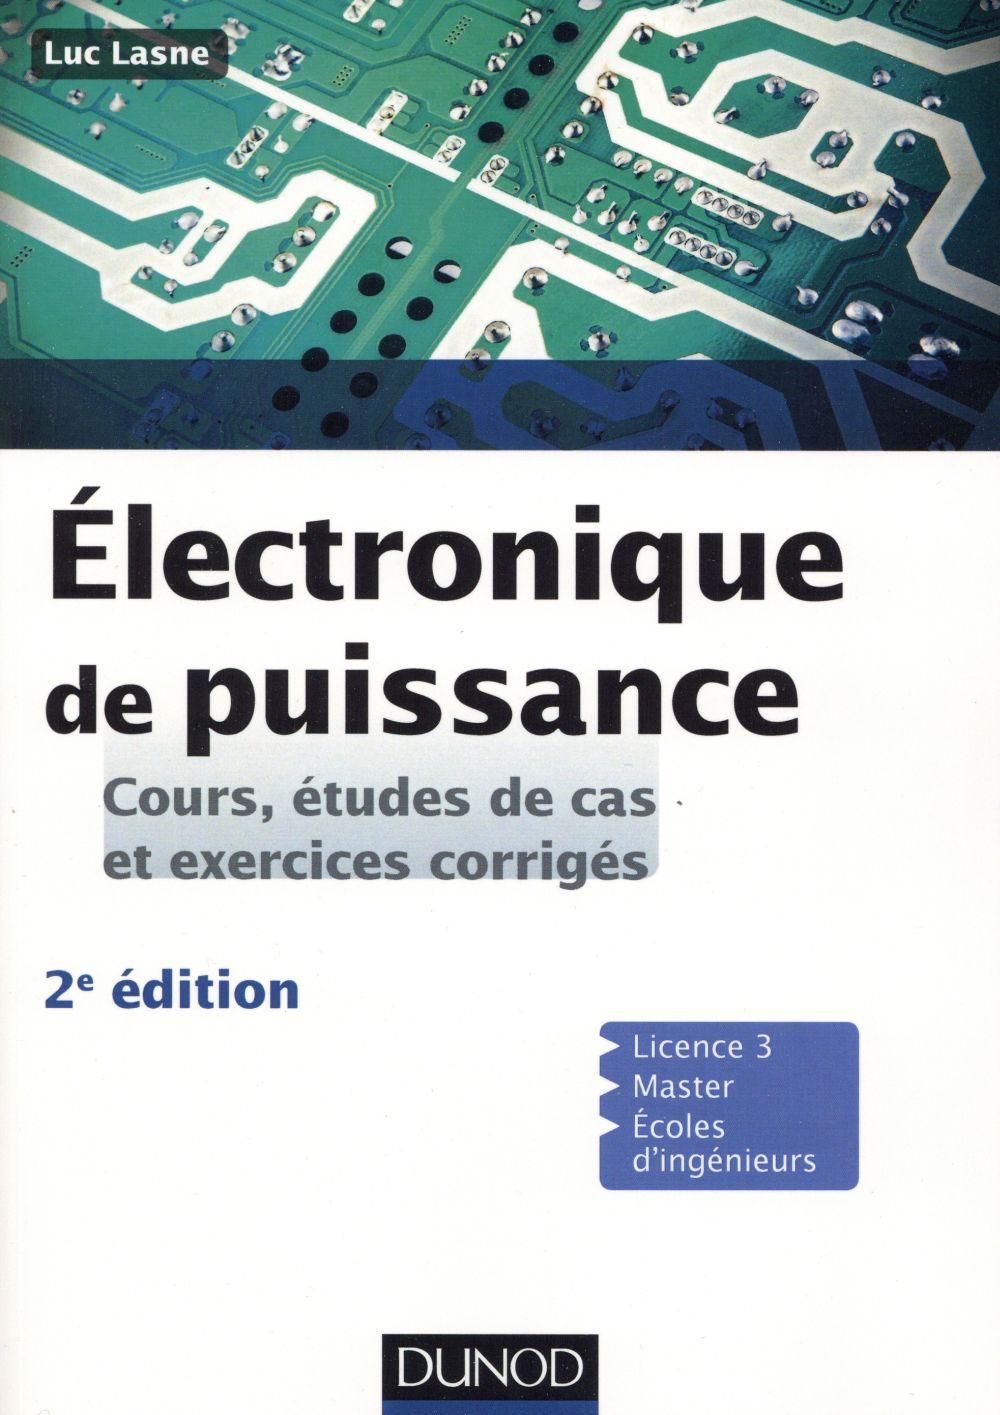 ELECTRONIQUE DE PUISSANCE - 2E